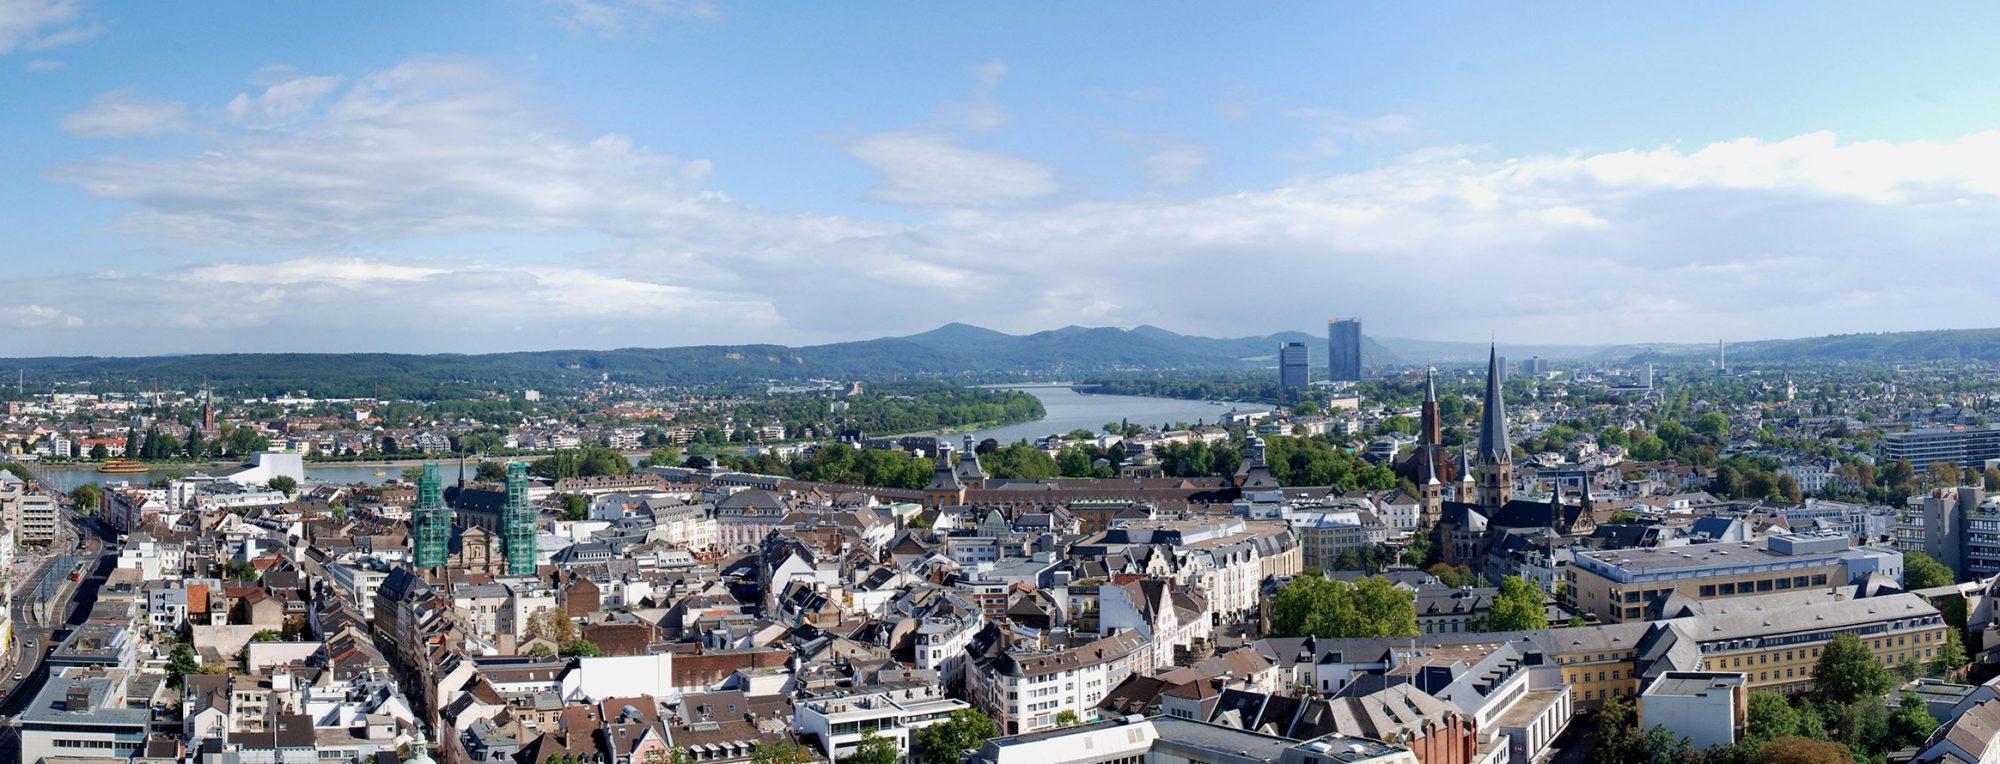 Steuerberater Bonn | GTK Steuerberater